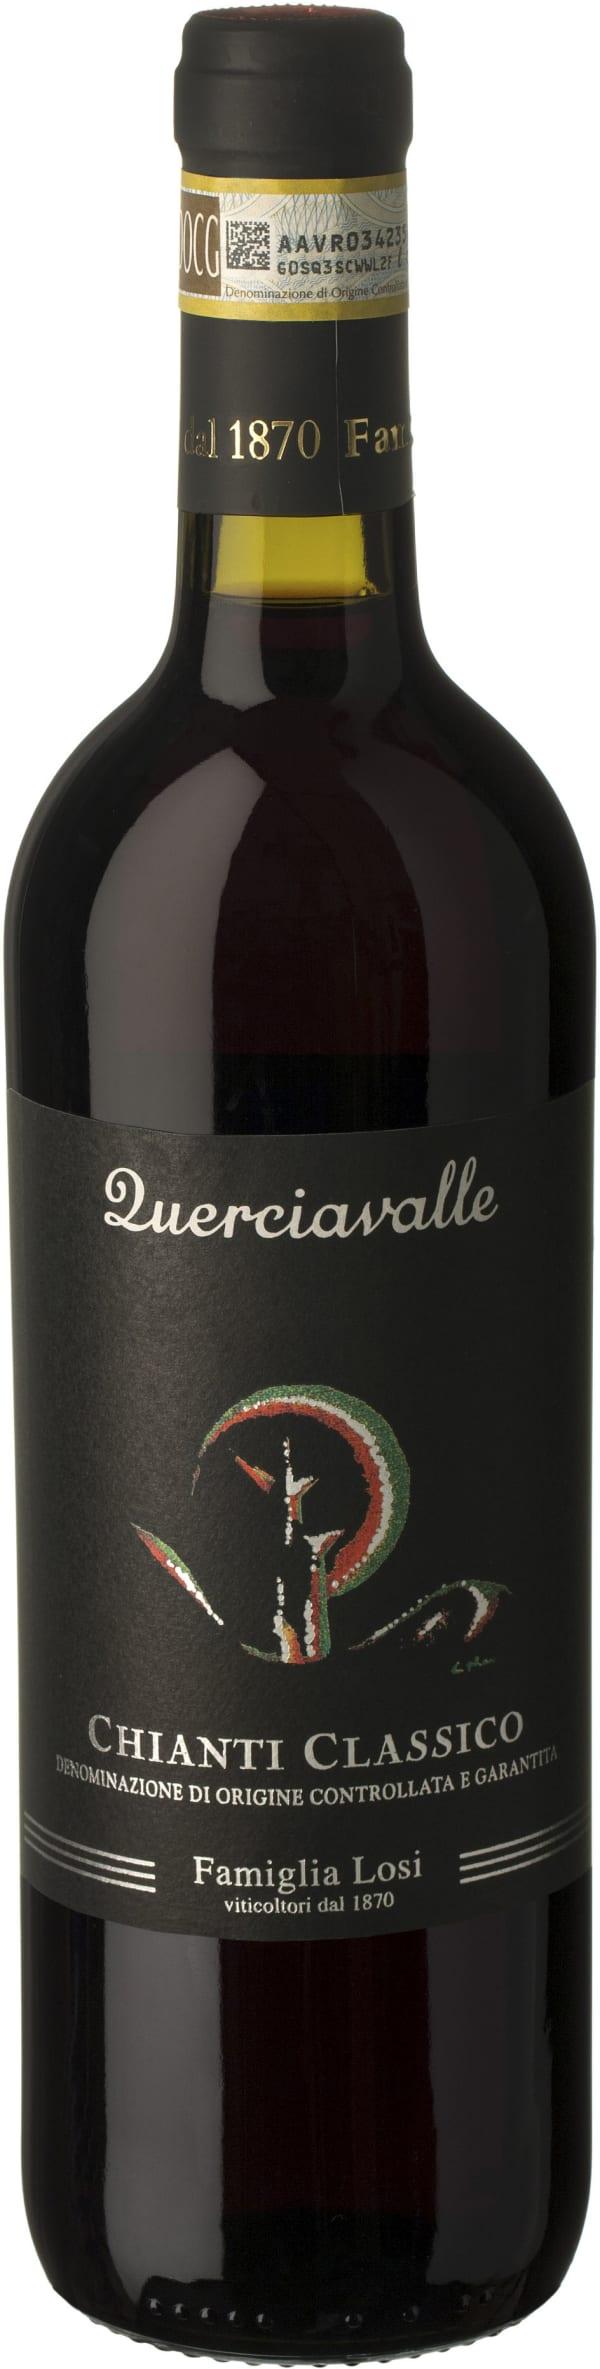 Losi Querciavalle Chianti Classico 2016